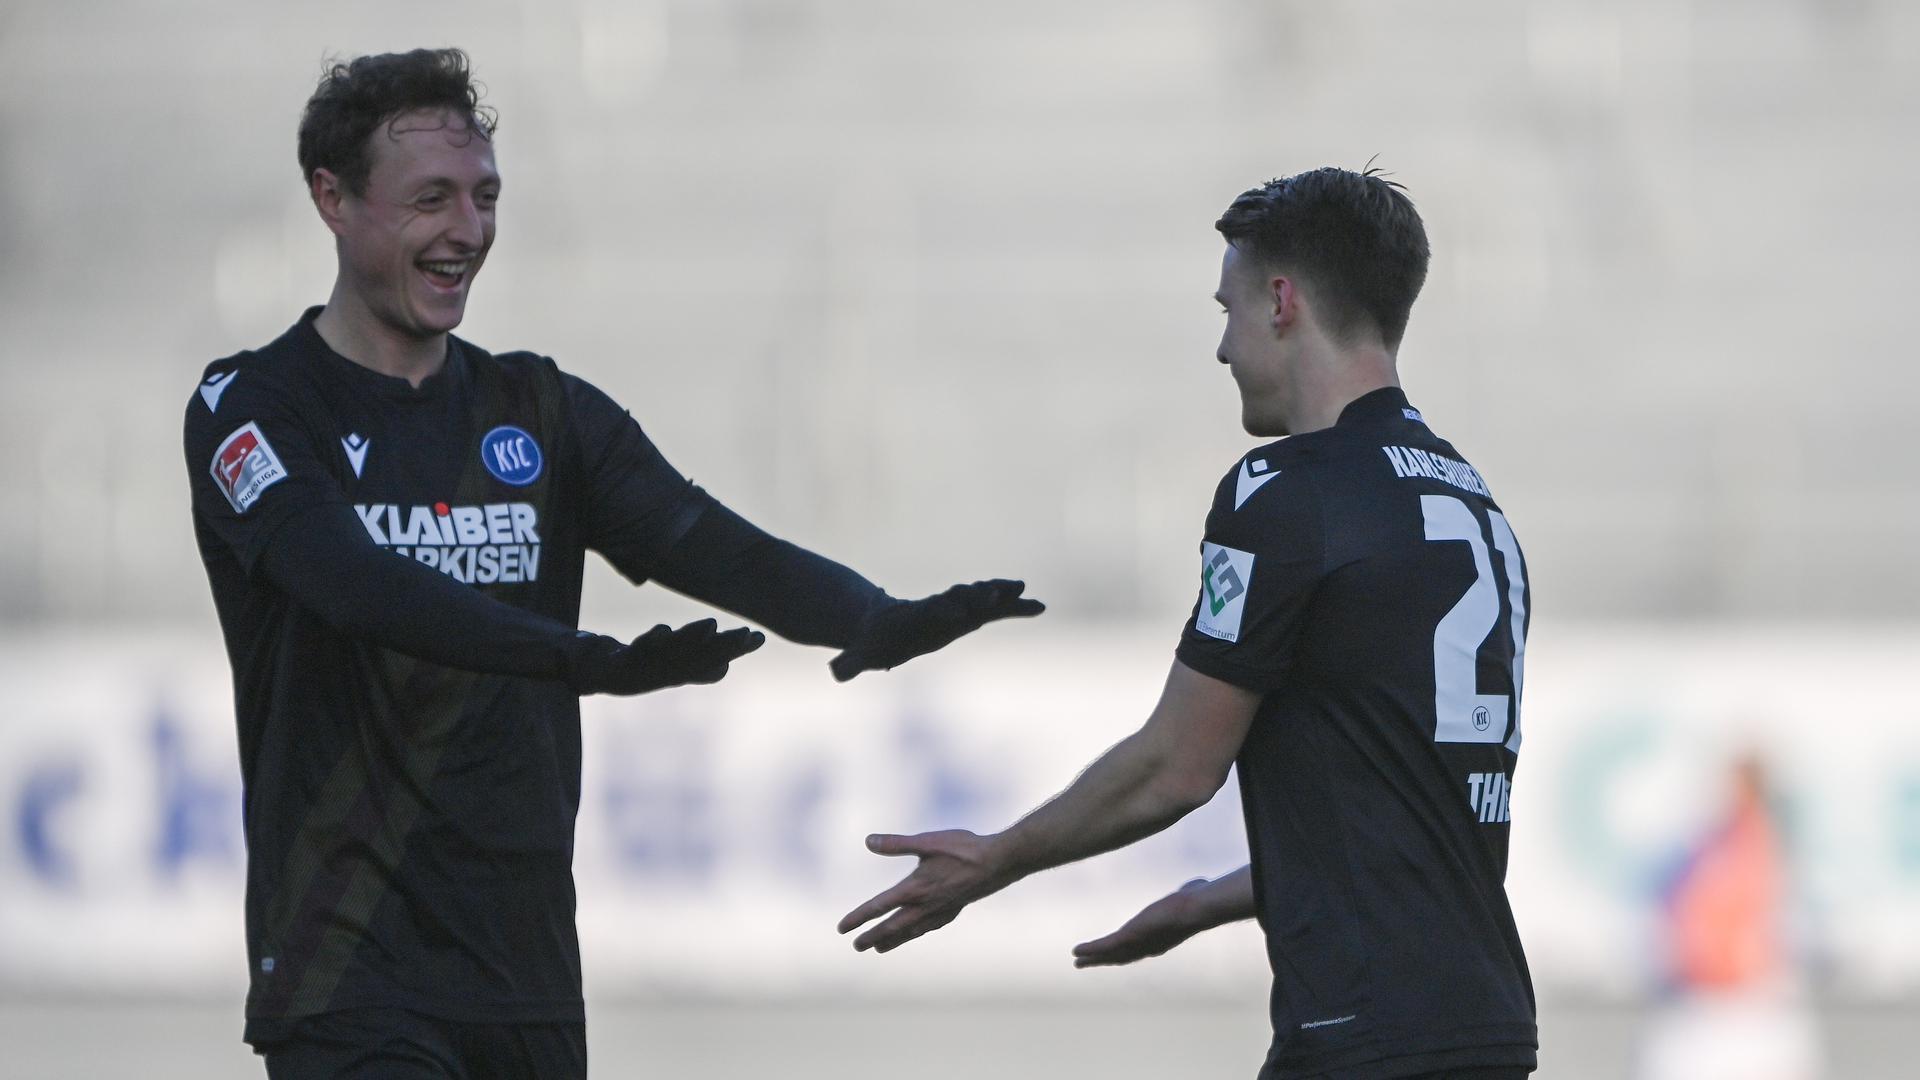 Toreverhinderer als Torjäger: Die KSC-Verteidiger Robin Bormuth und Marco Thiede (rechts) freuen sich diebisch über das 3:2 bei Holstein Kiel und ihre persönlichen Beiträge dazu.